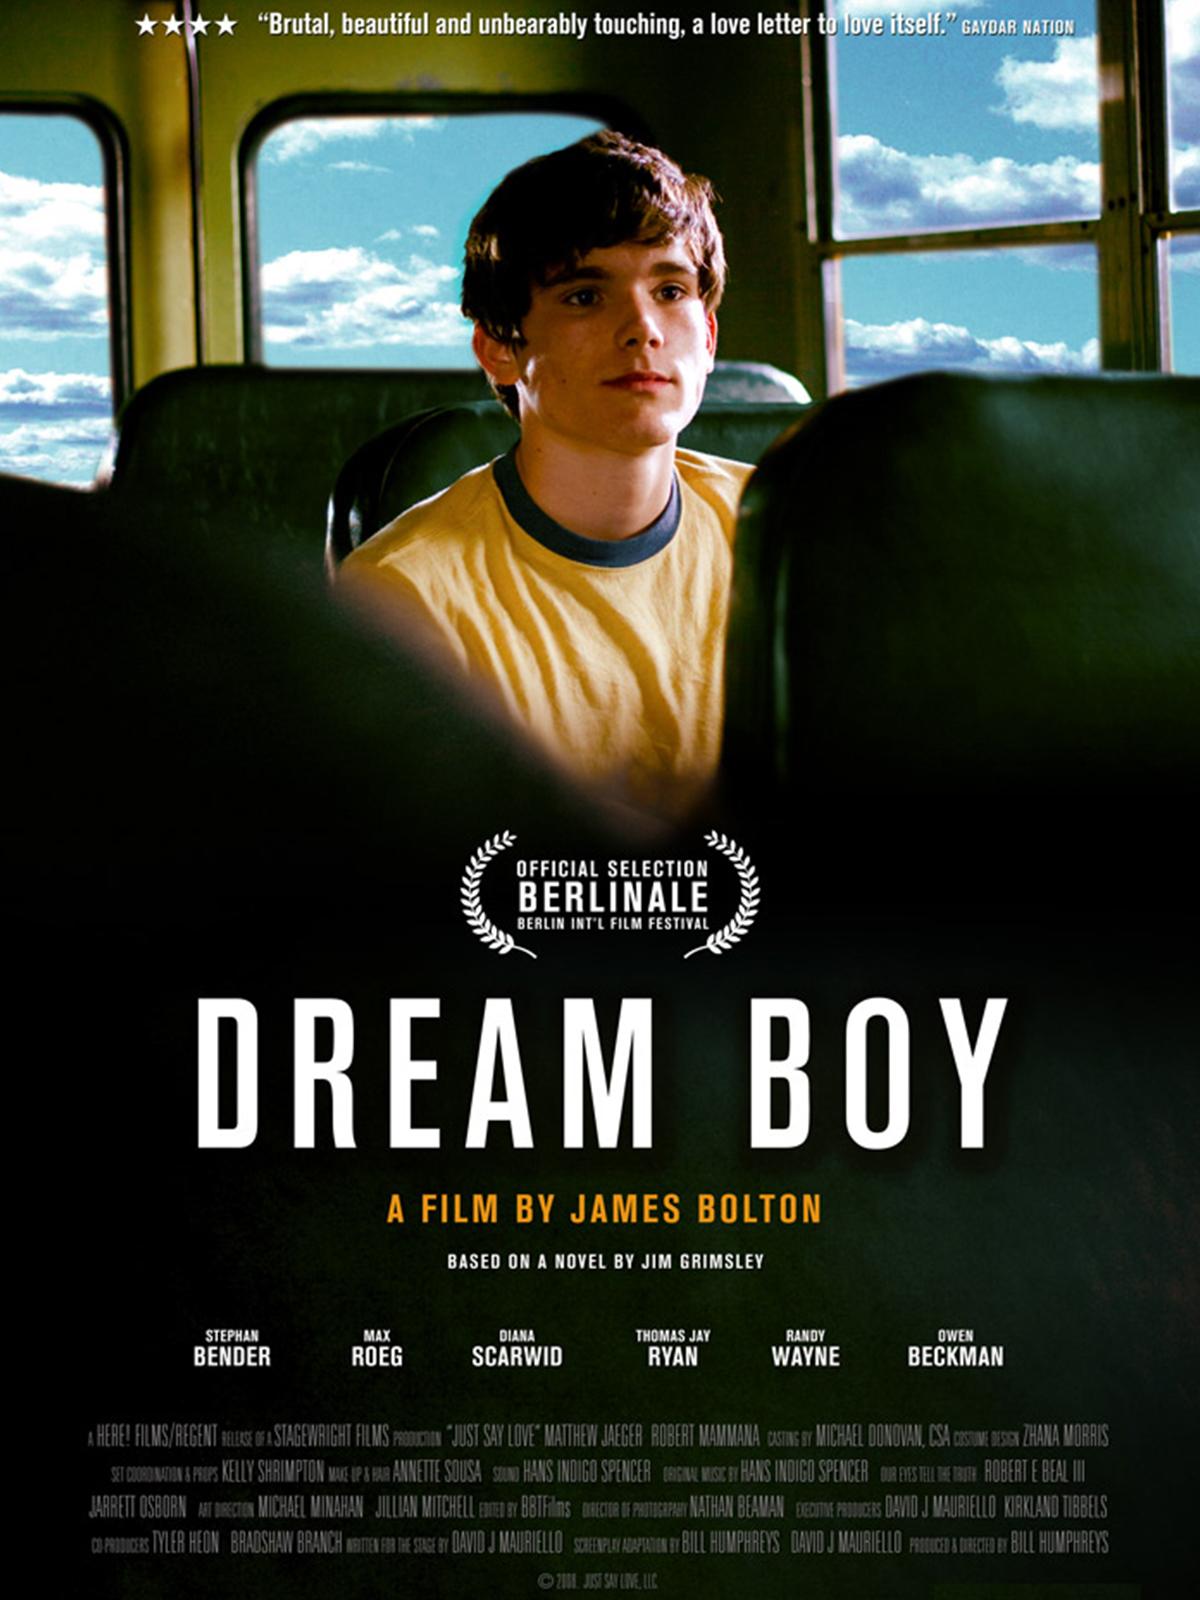 Here-DreamBoy-Full-Image-en-US.jpg